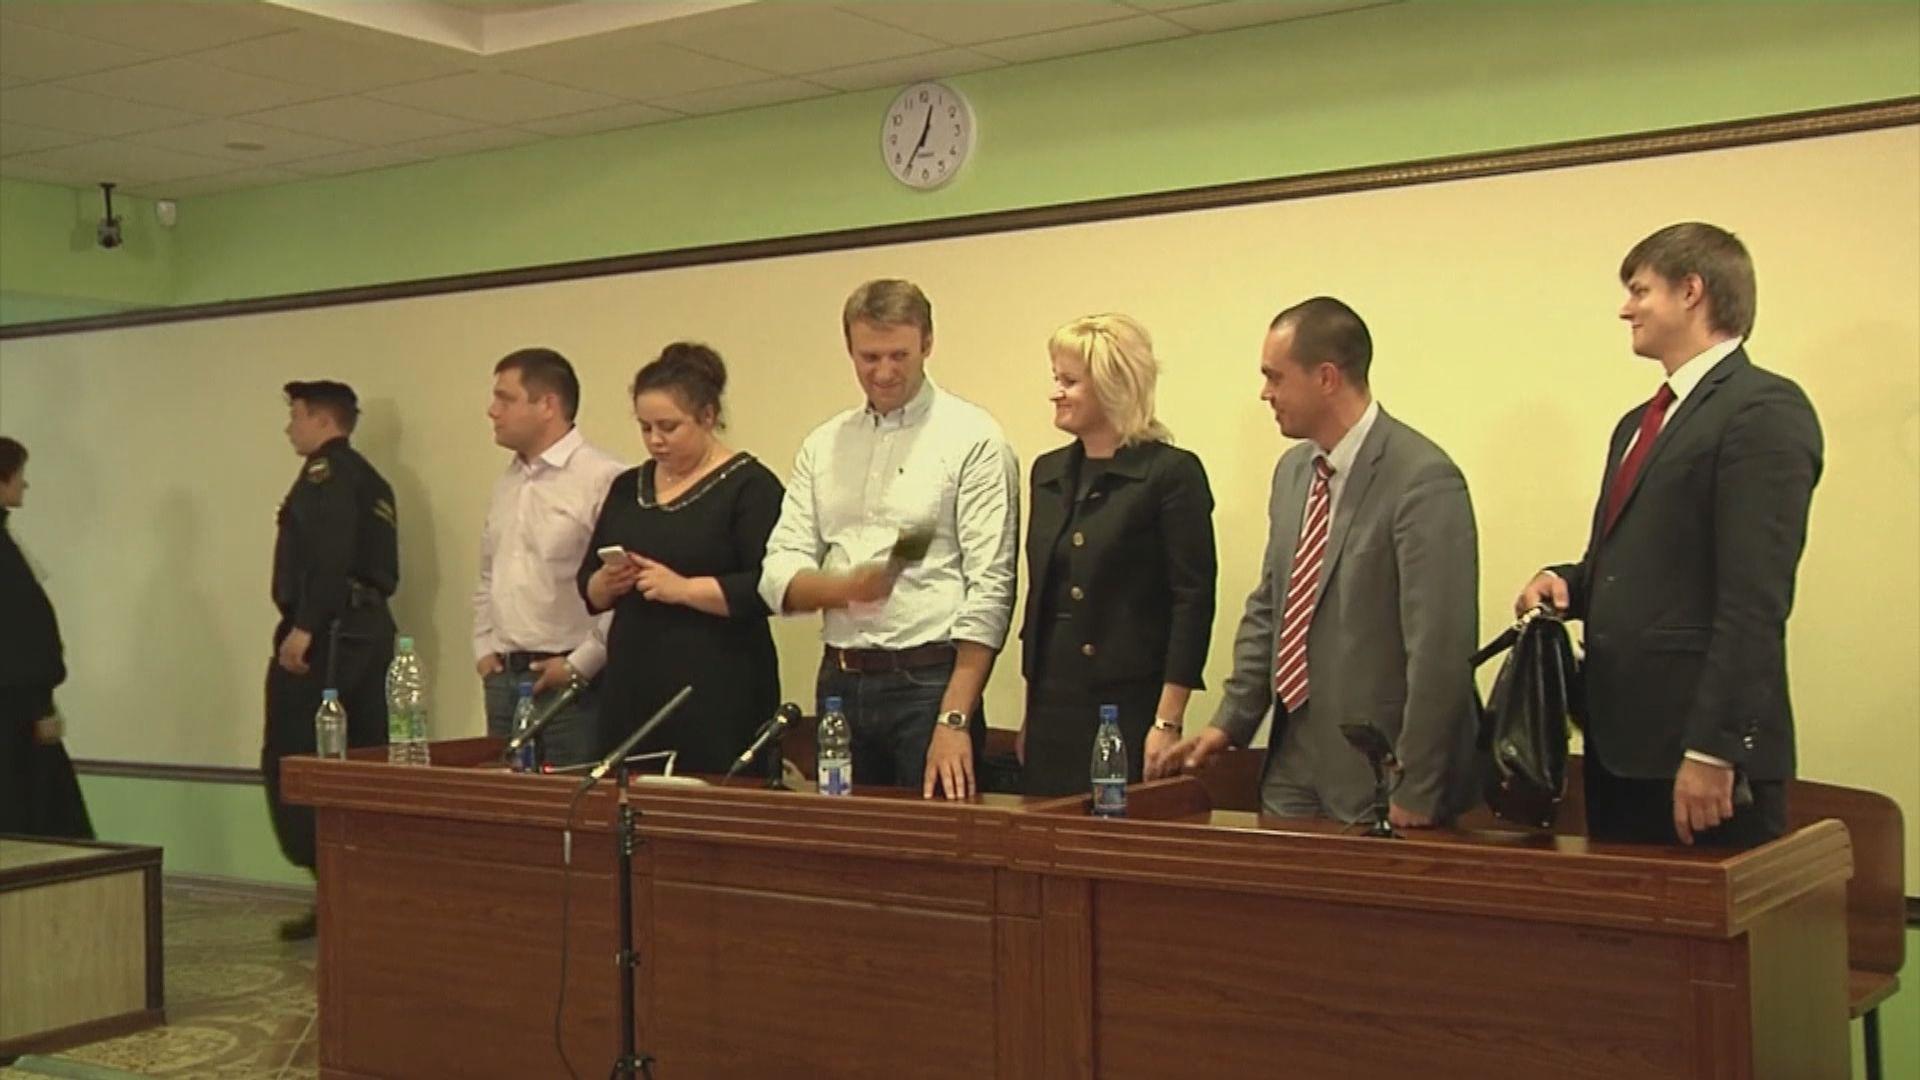 俄羅斯反對派領袖納瓦爾尼獲薩哈羅夫思想自由獎